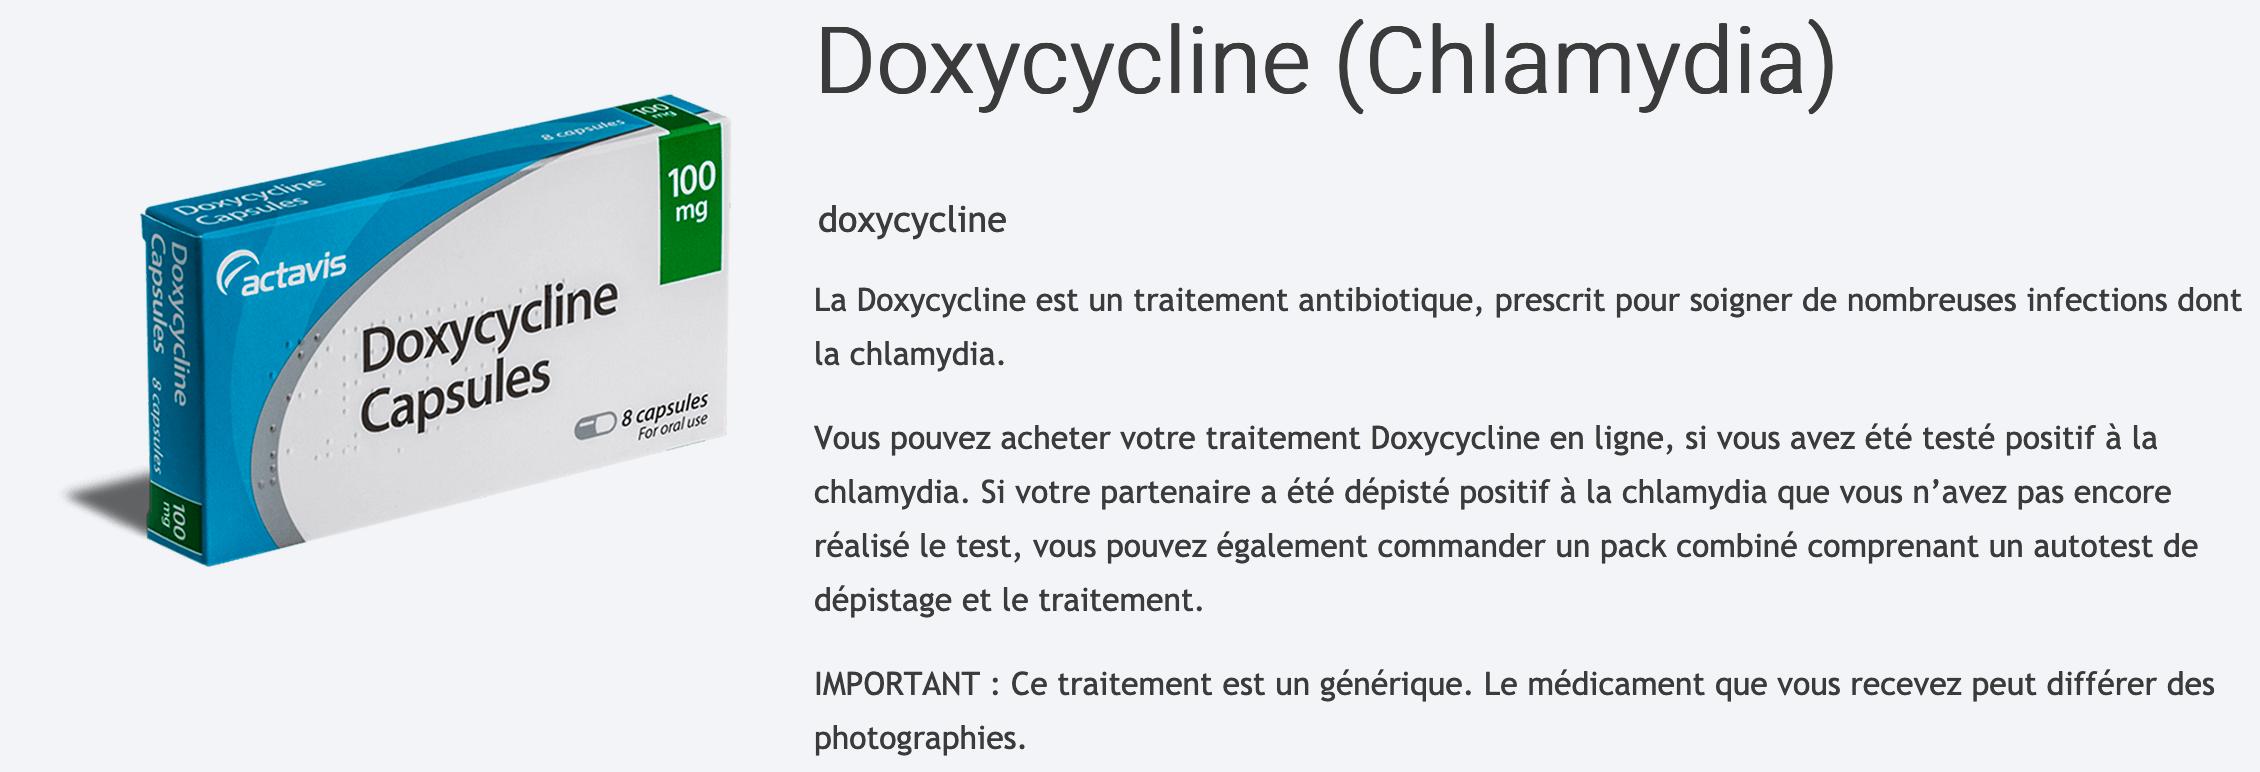 Doxycycline-Chlamydia